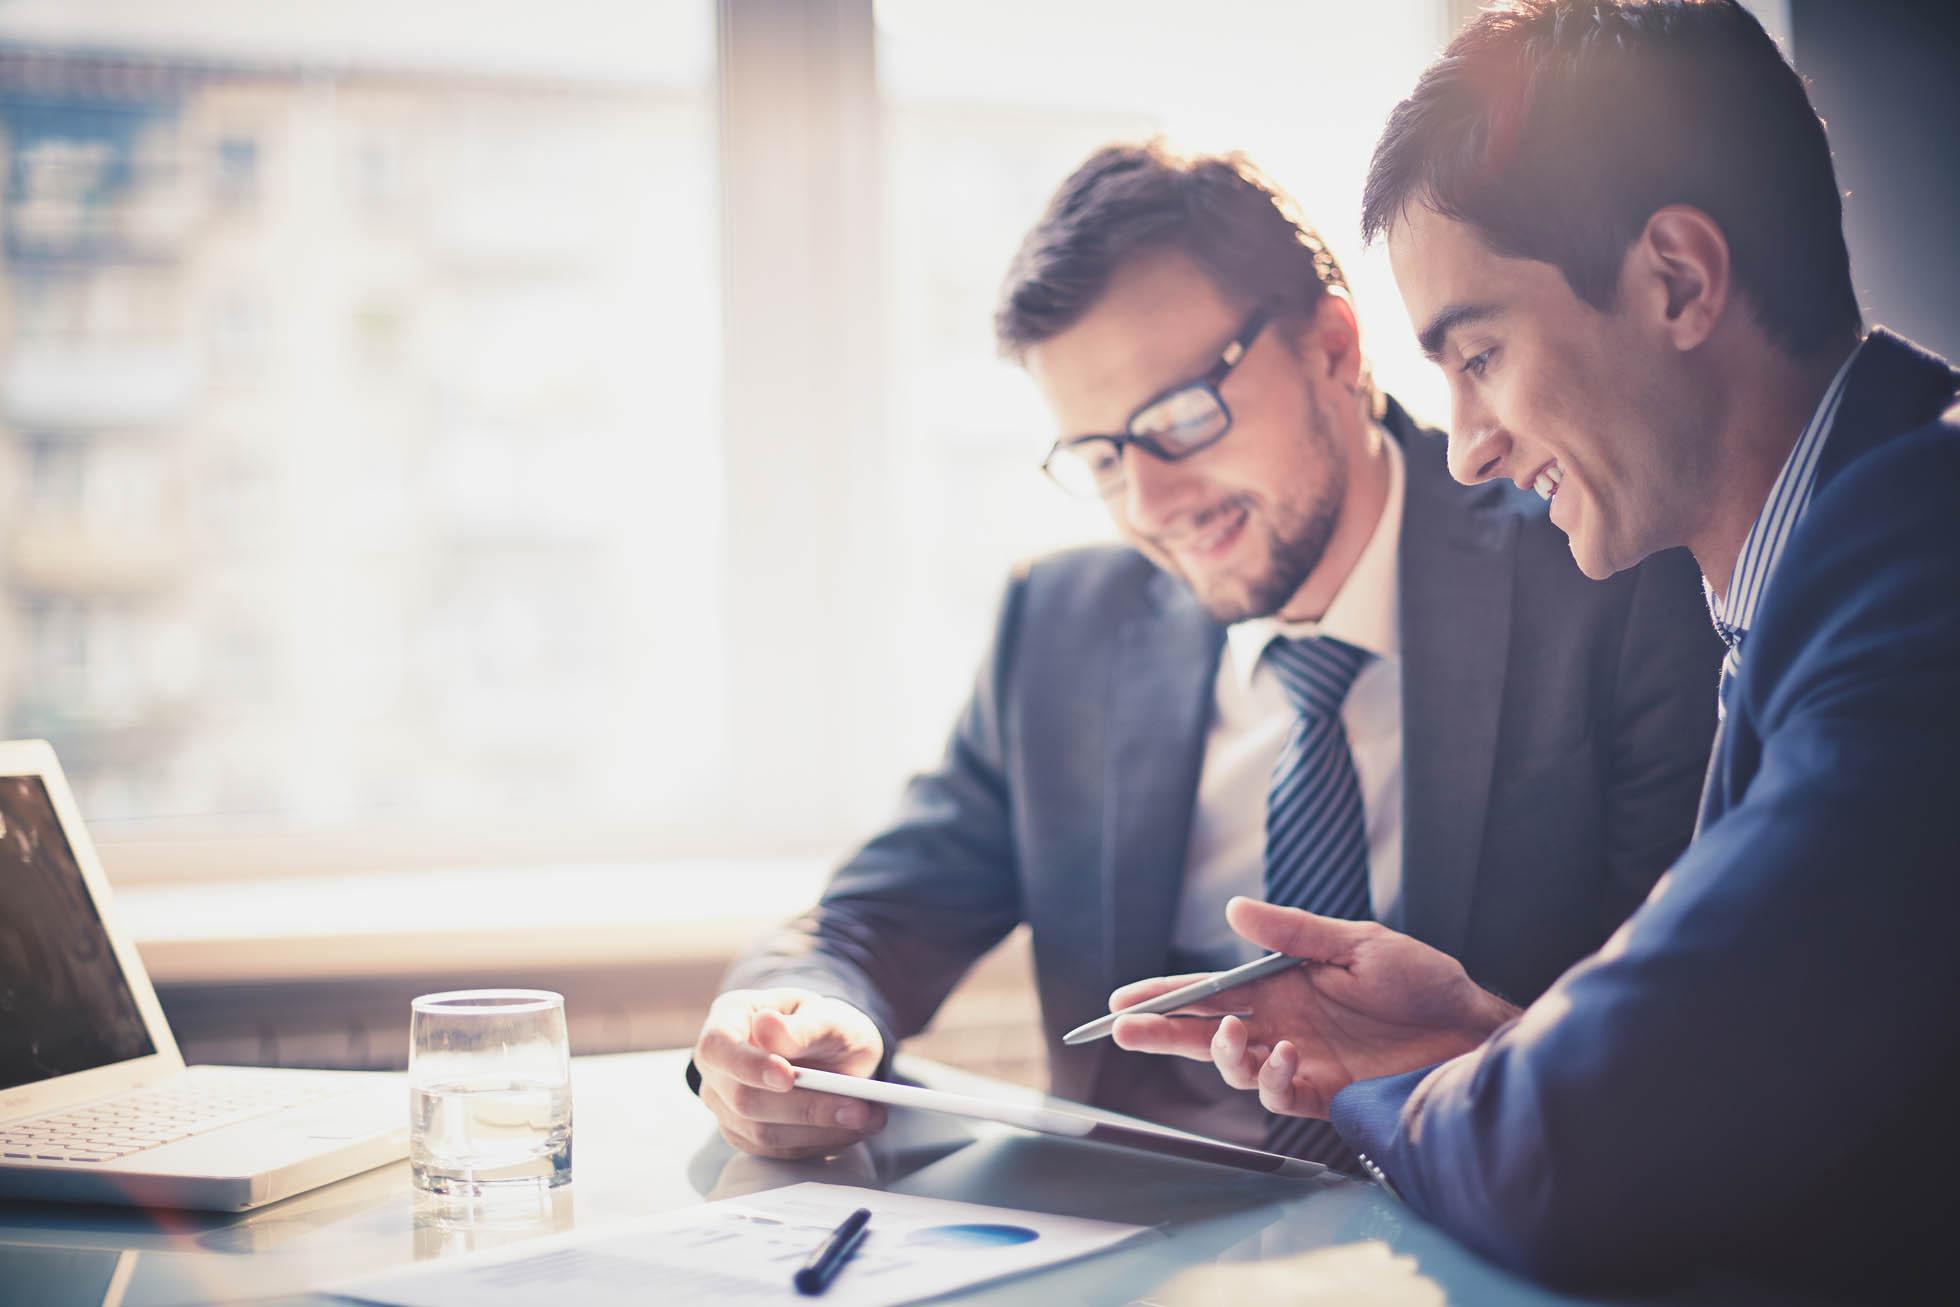 4 τρόποι να κερδίζεις παραπάνω για σένα αλλά και για τους πελάτες σου